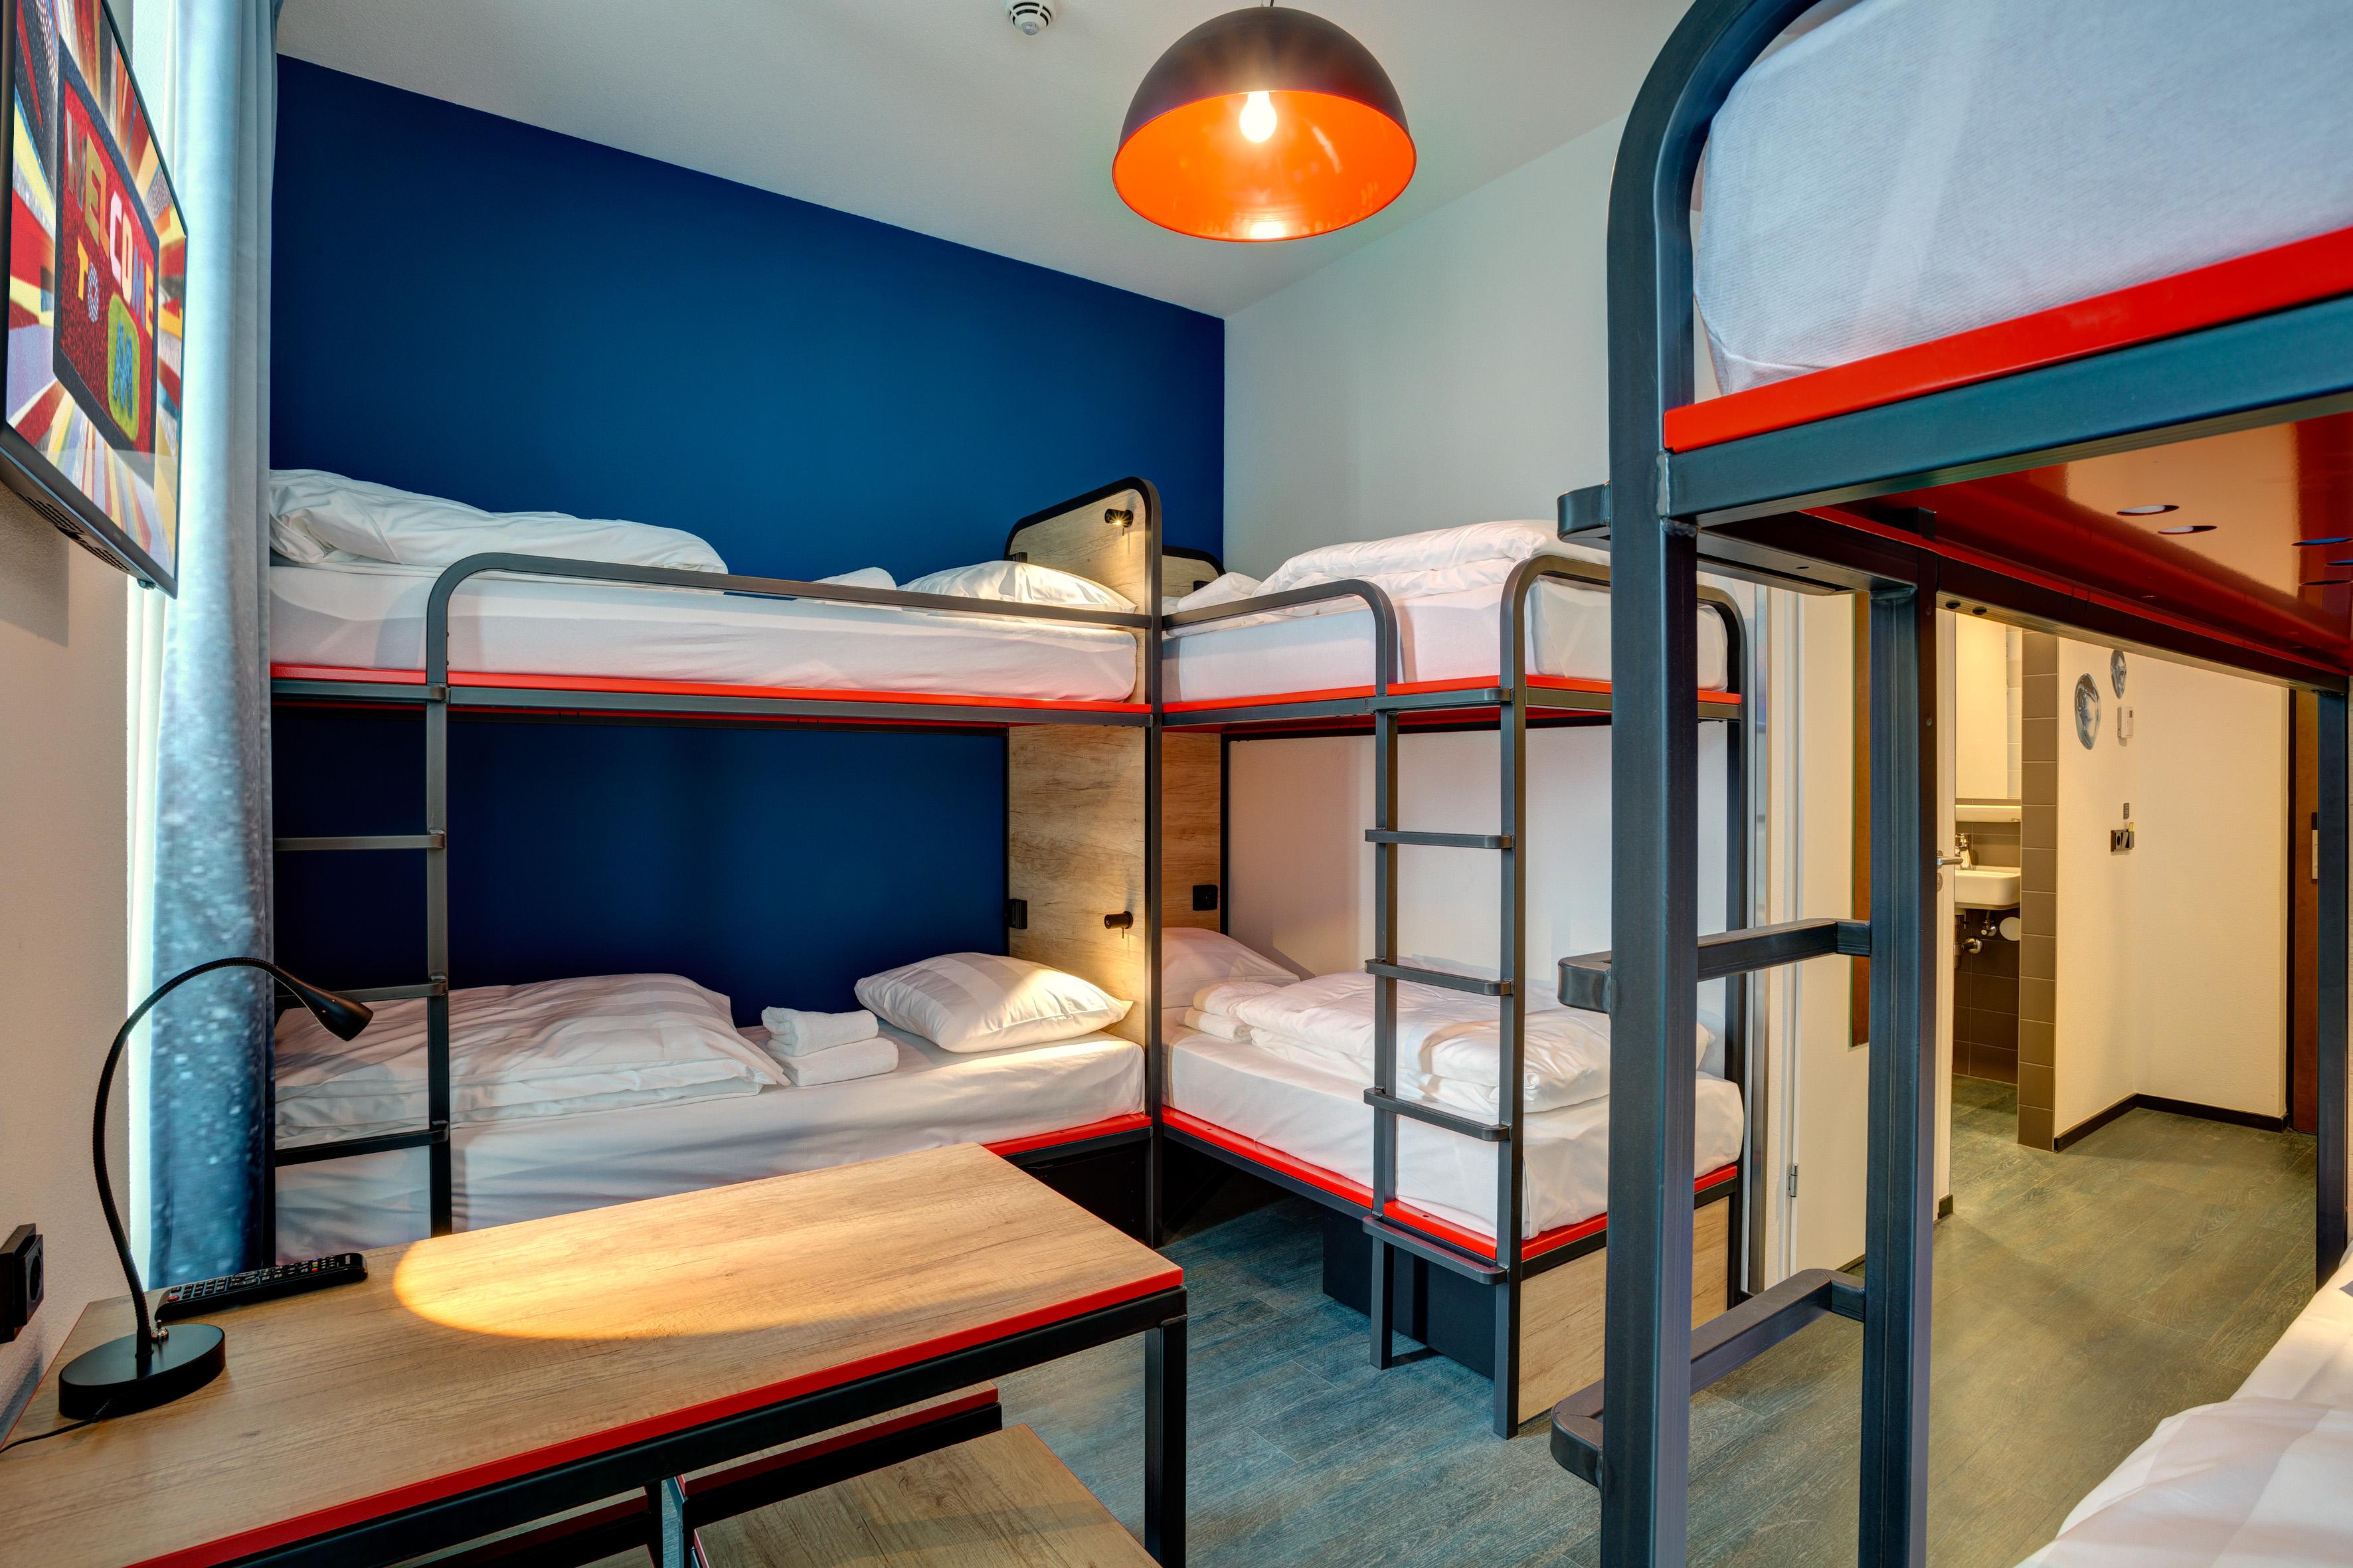 MEININGER Hotel Amsterdam Amstel - Dortoir